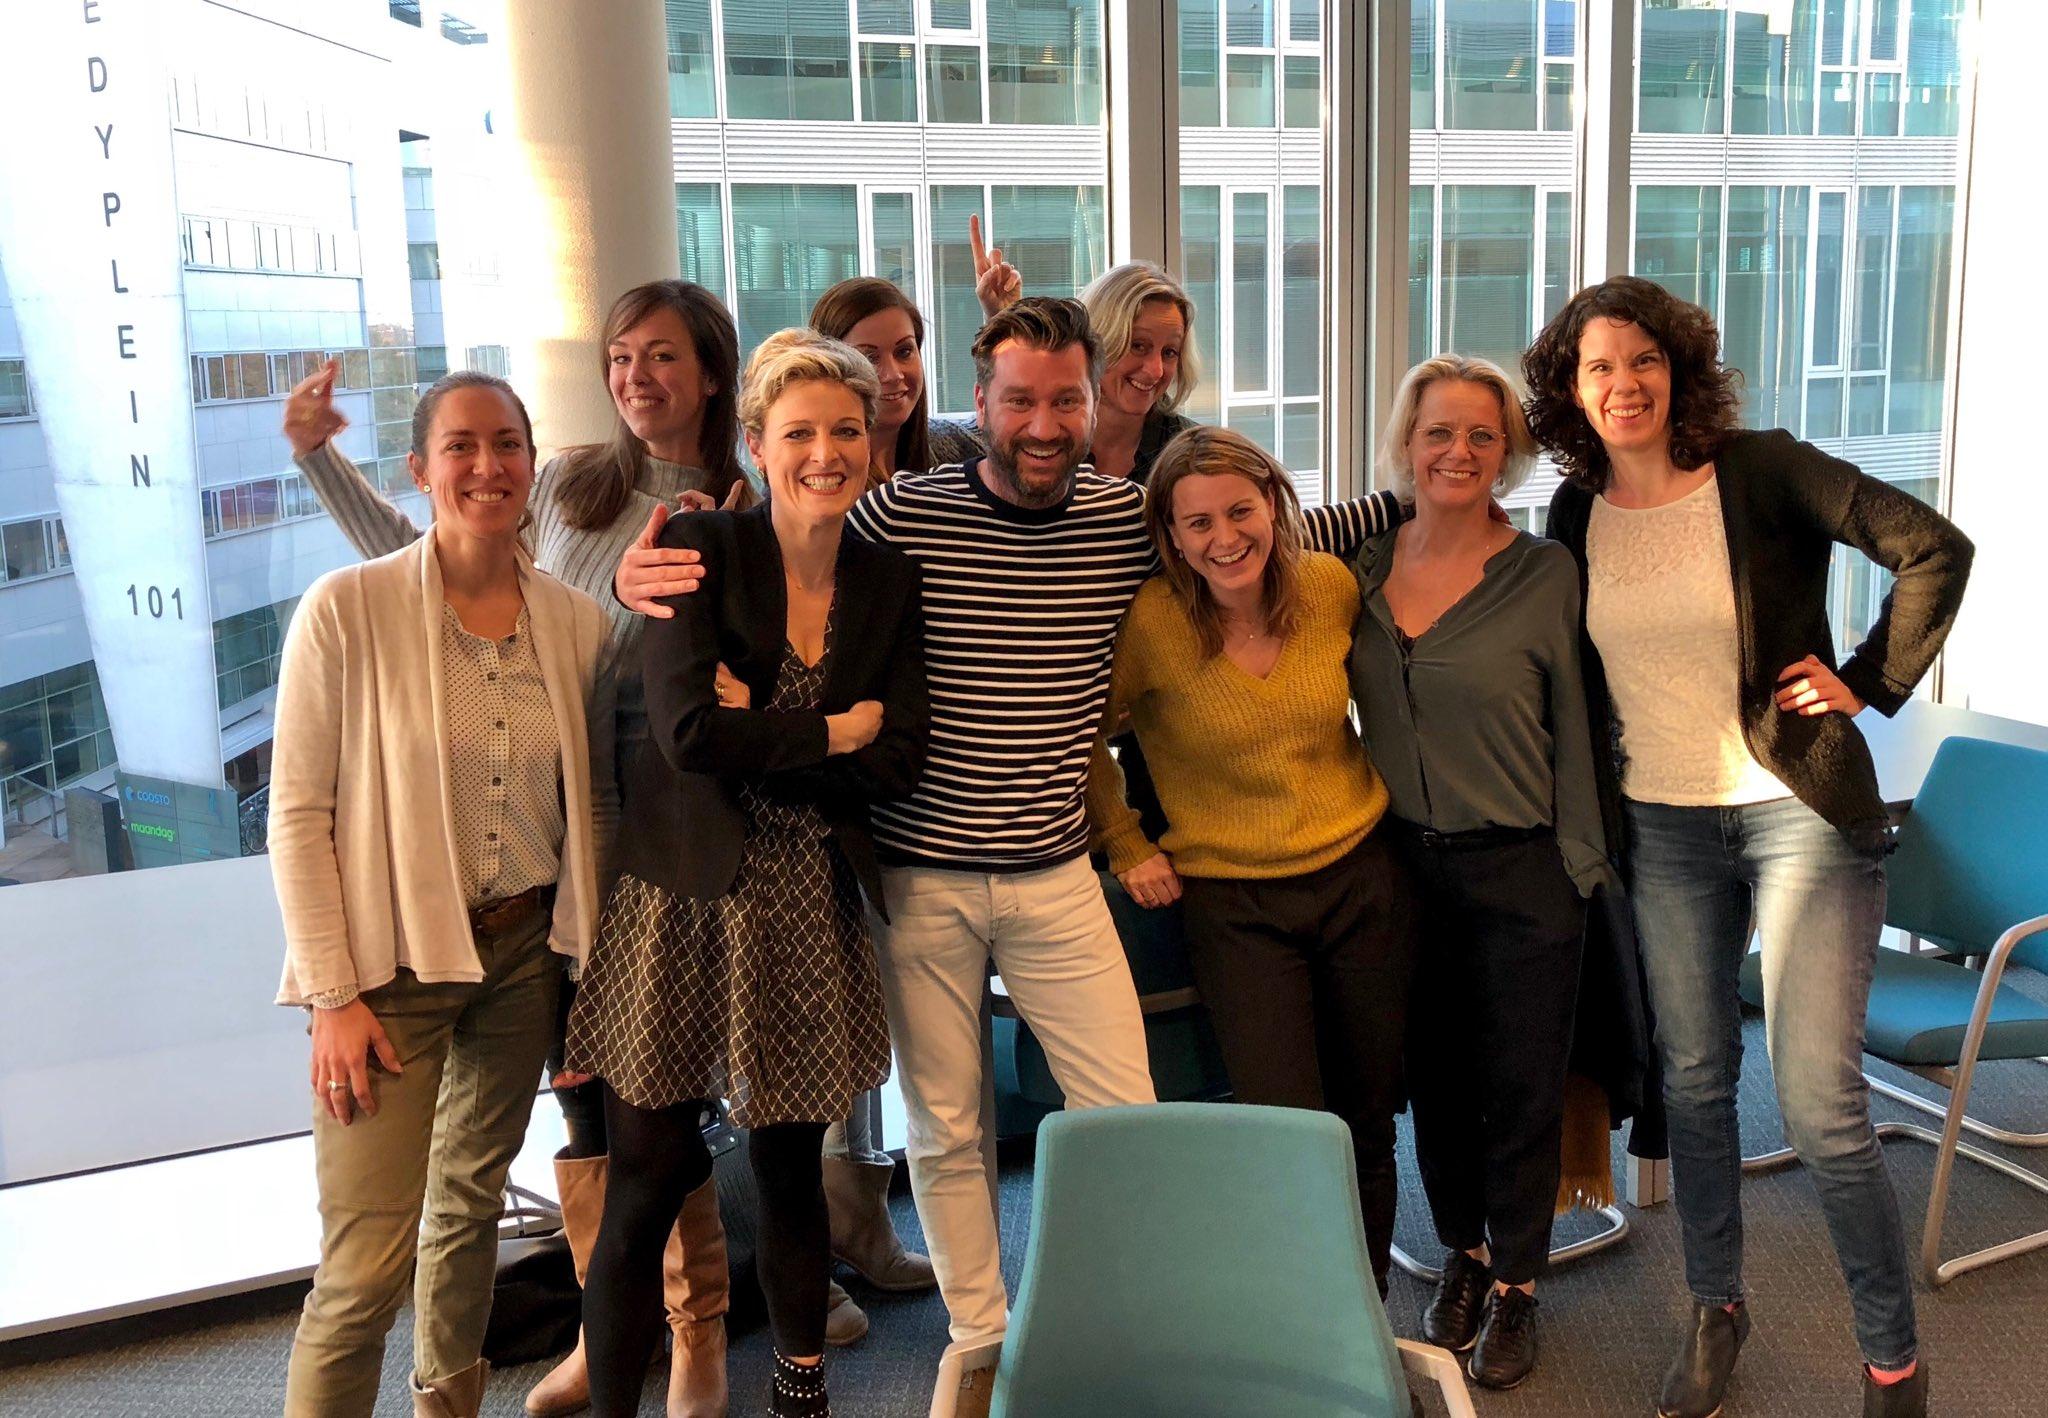 Eindhoven de gekste. Tweedaagse training #storytelling. #contentcreatie Meer weten? https://t.co/U2jrg6I34A